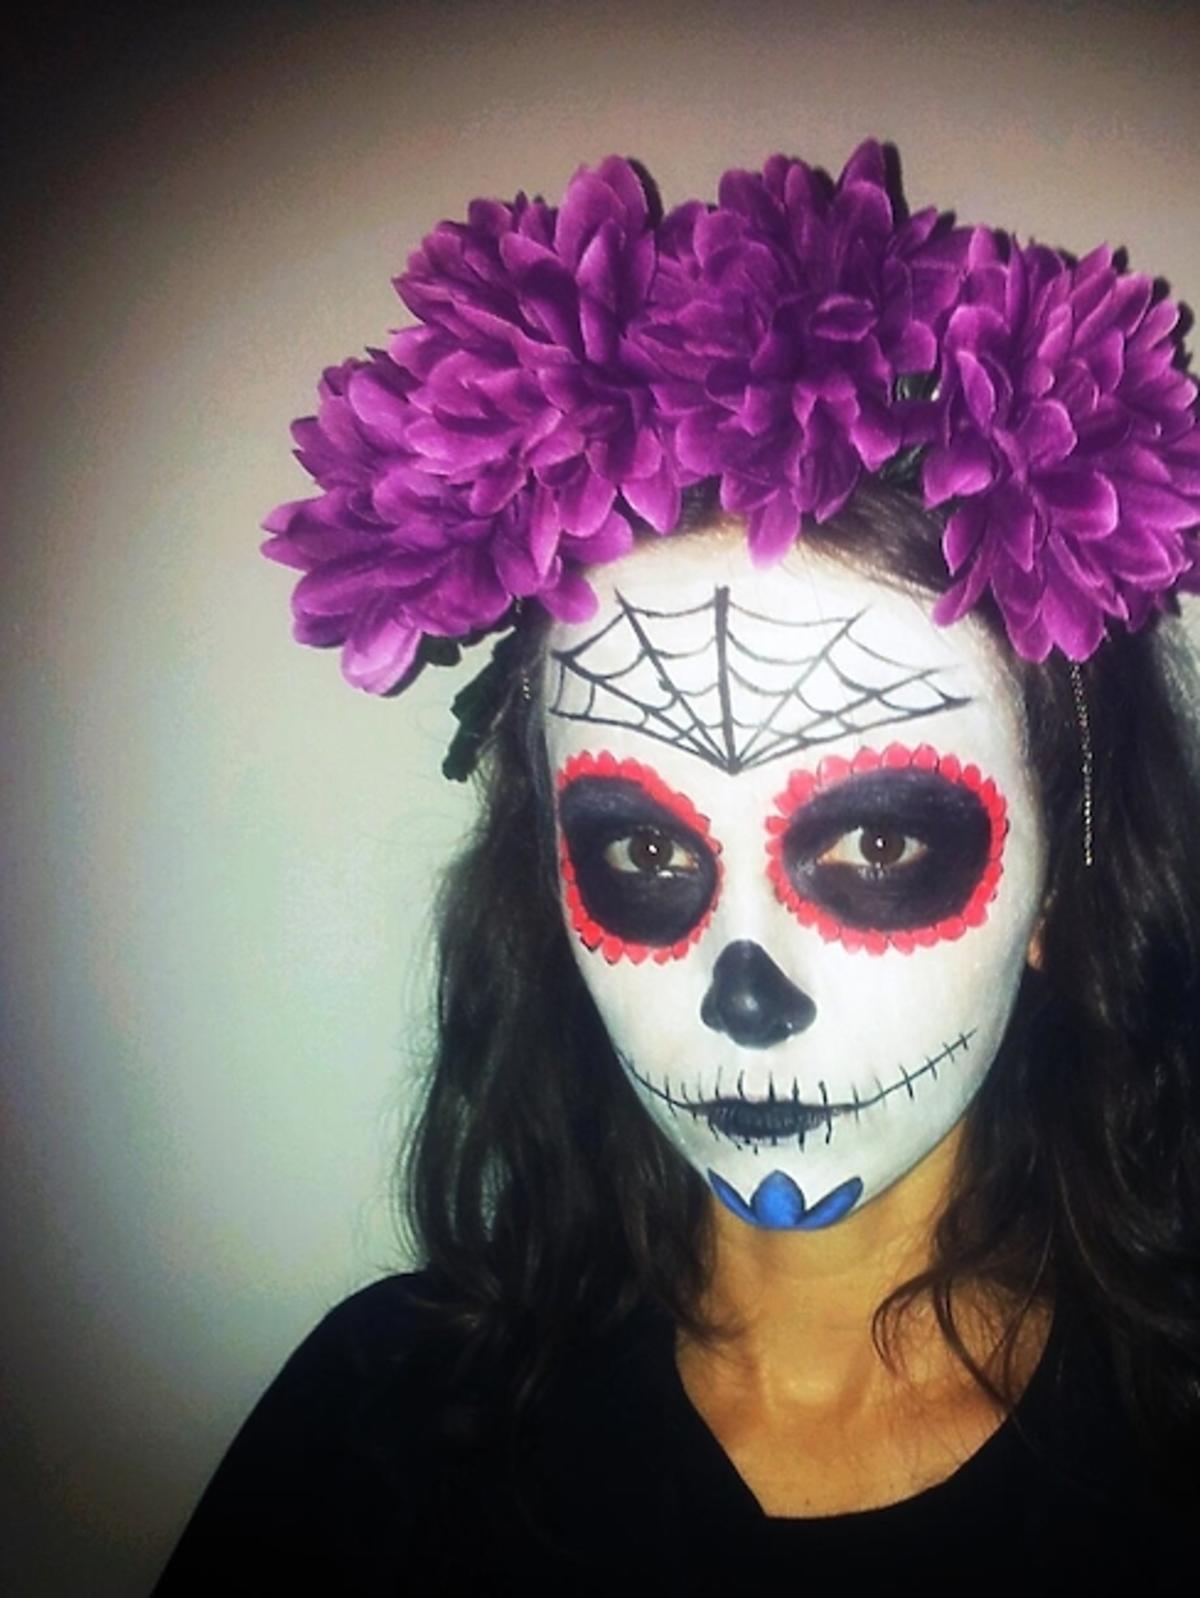 Monika Brodka na Halloween przebrała się za boginię VooDoo, co nawiązuje do jej wizerunku artystycznego z płyty